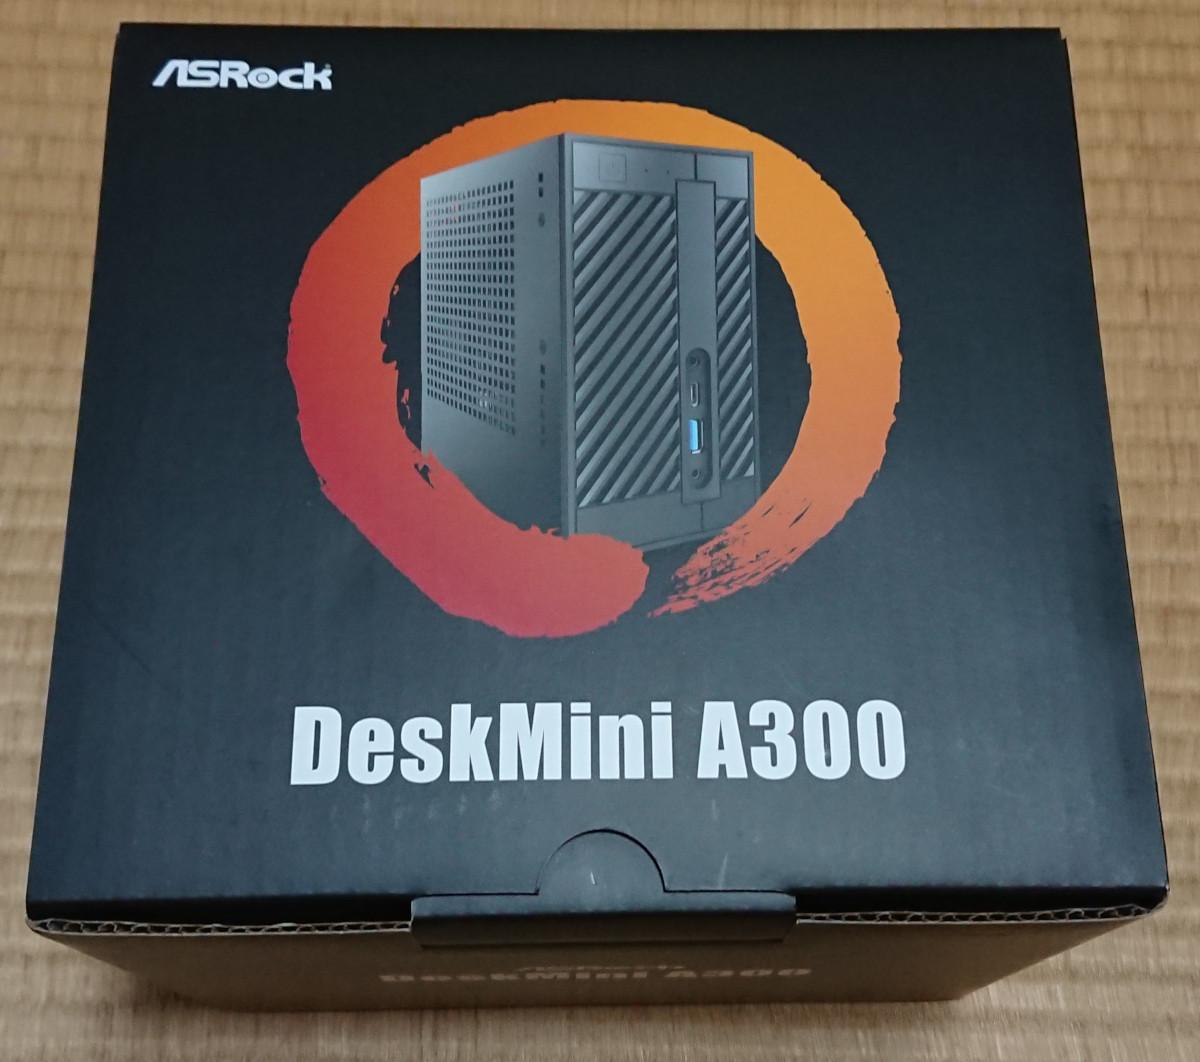 DeskMini A300